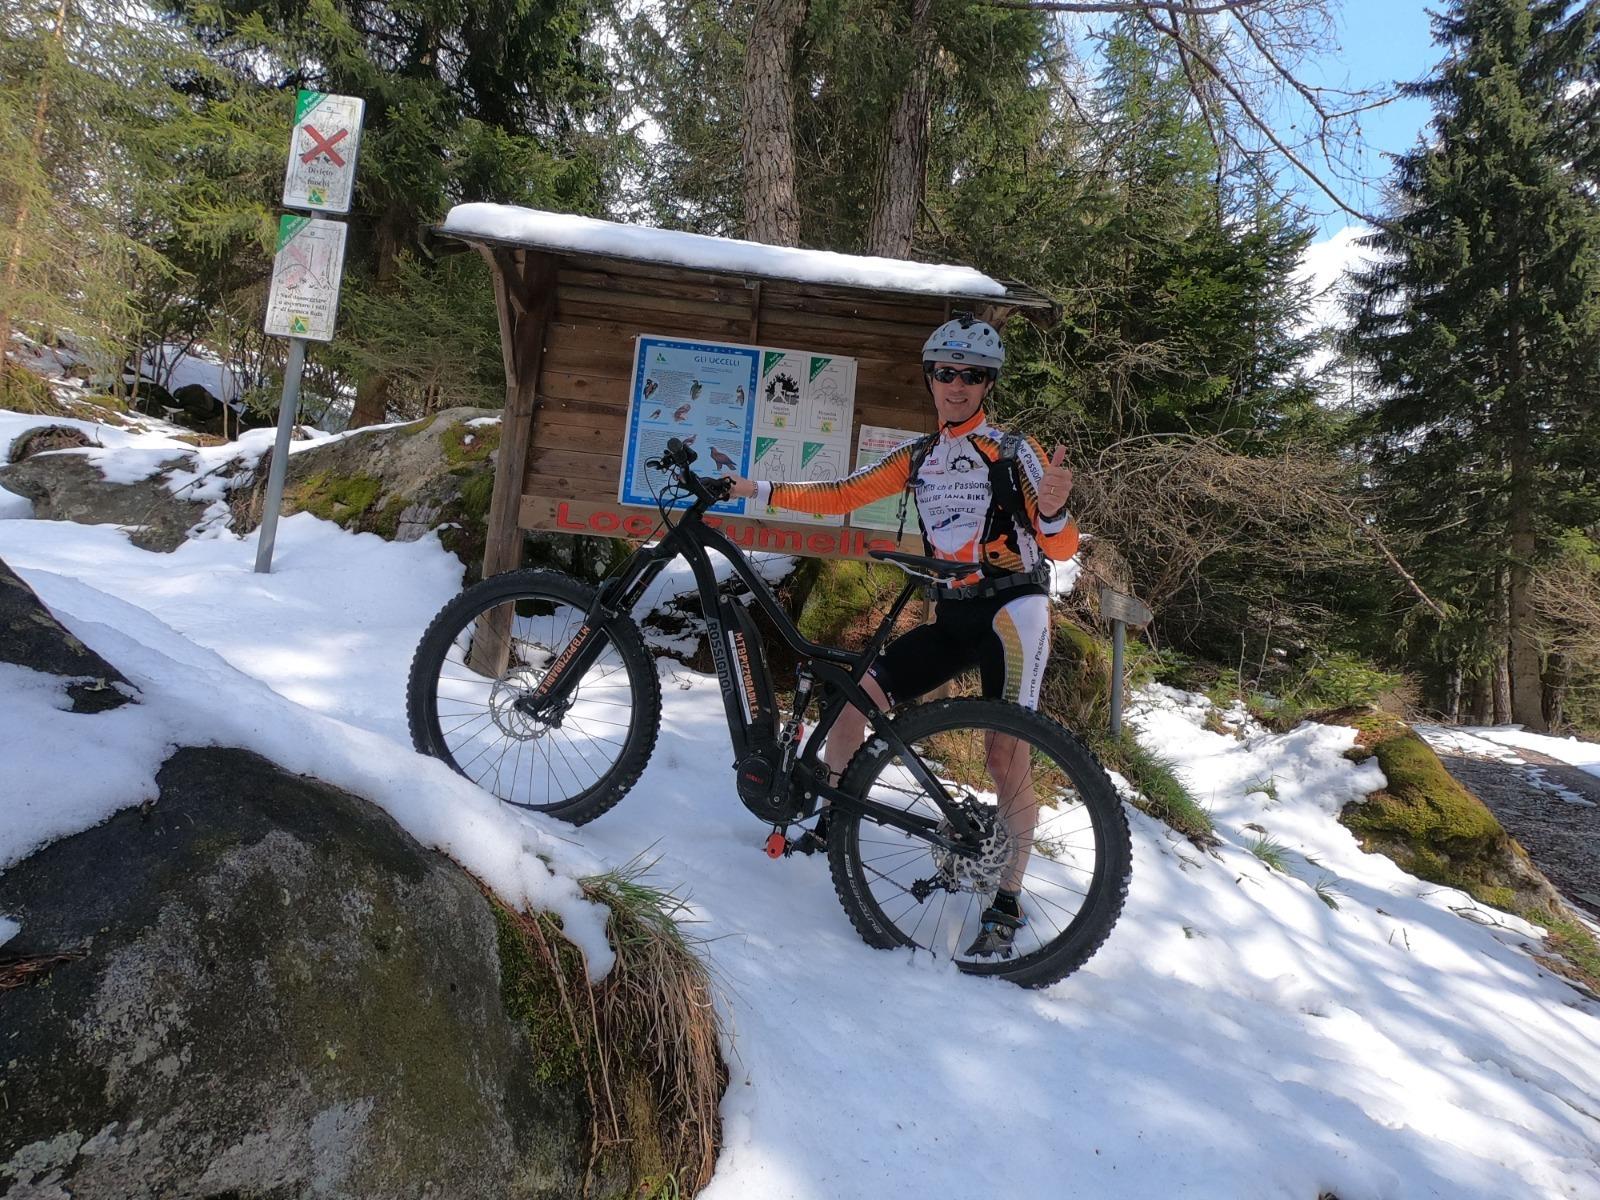 Noleggio bici E-Mtb Rossignol E-track Trail Two - Monte Pora